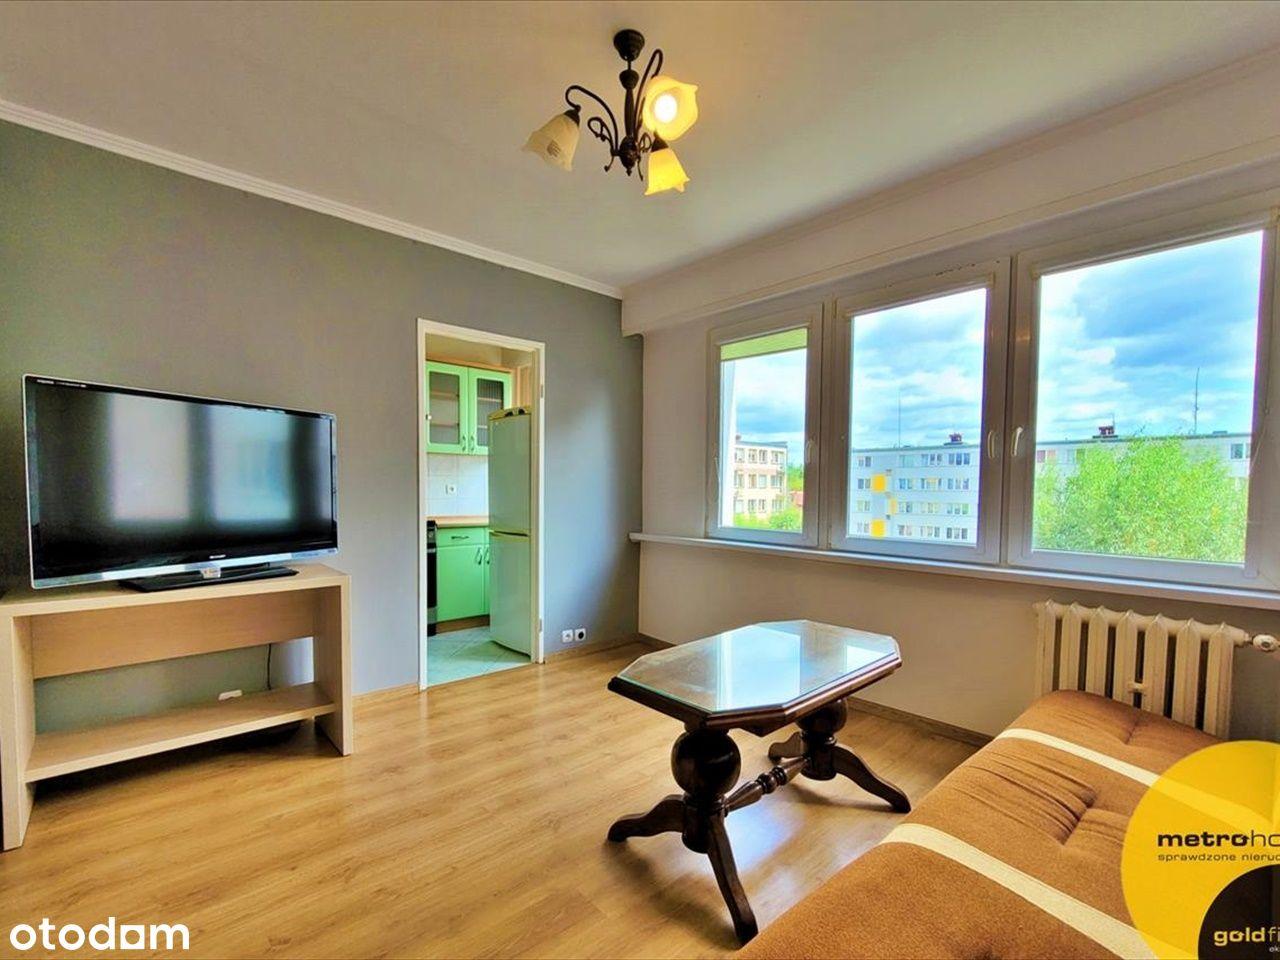 2-pokojowe mieszkanie w Ostrołęce